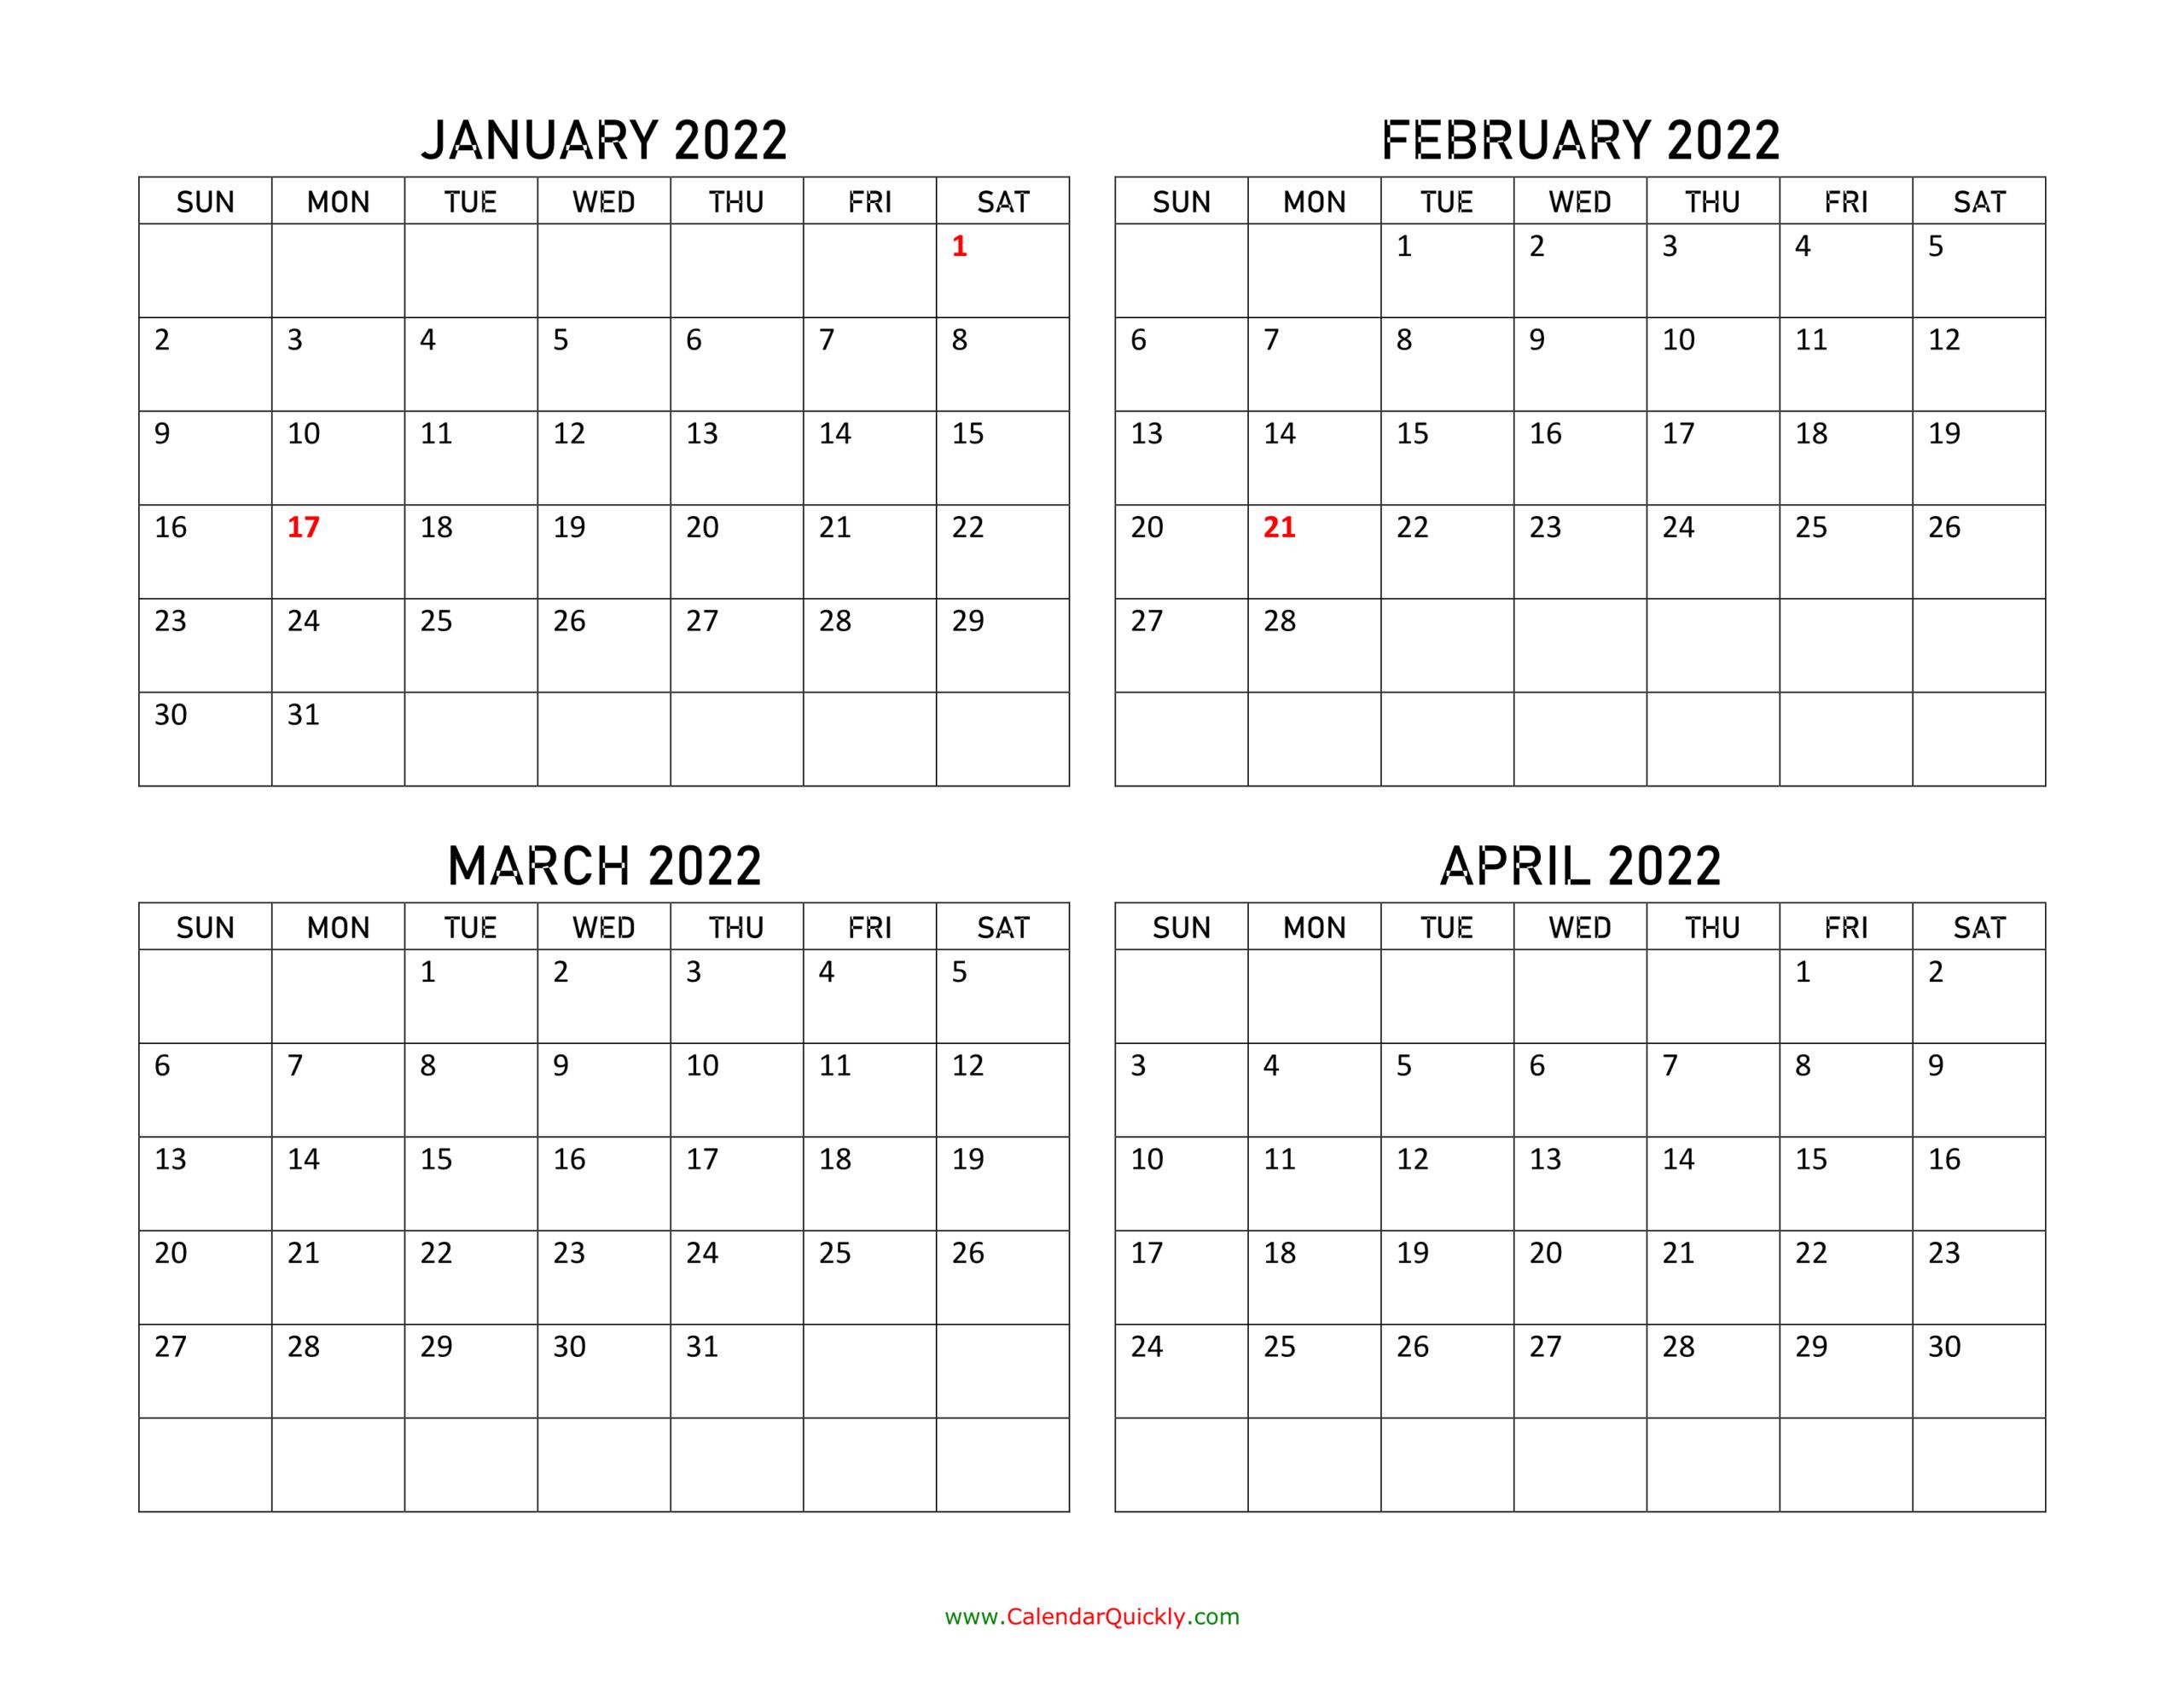 January To April 2022 Calendar | Calendar Quickly with regard to April May Calendar 2022 Pdf Photo